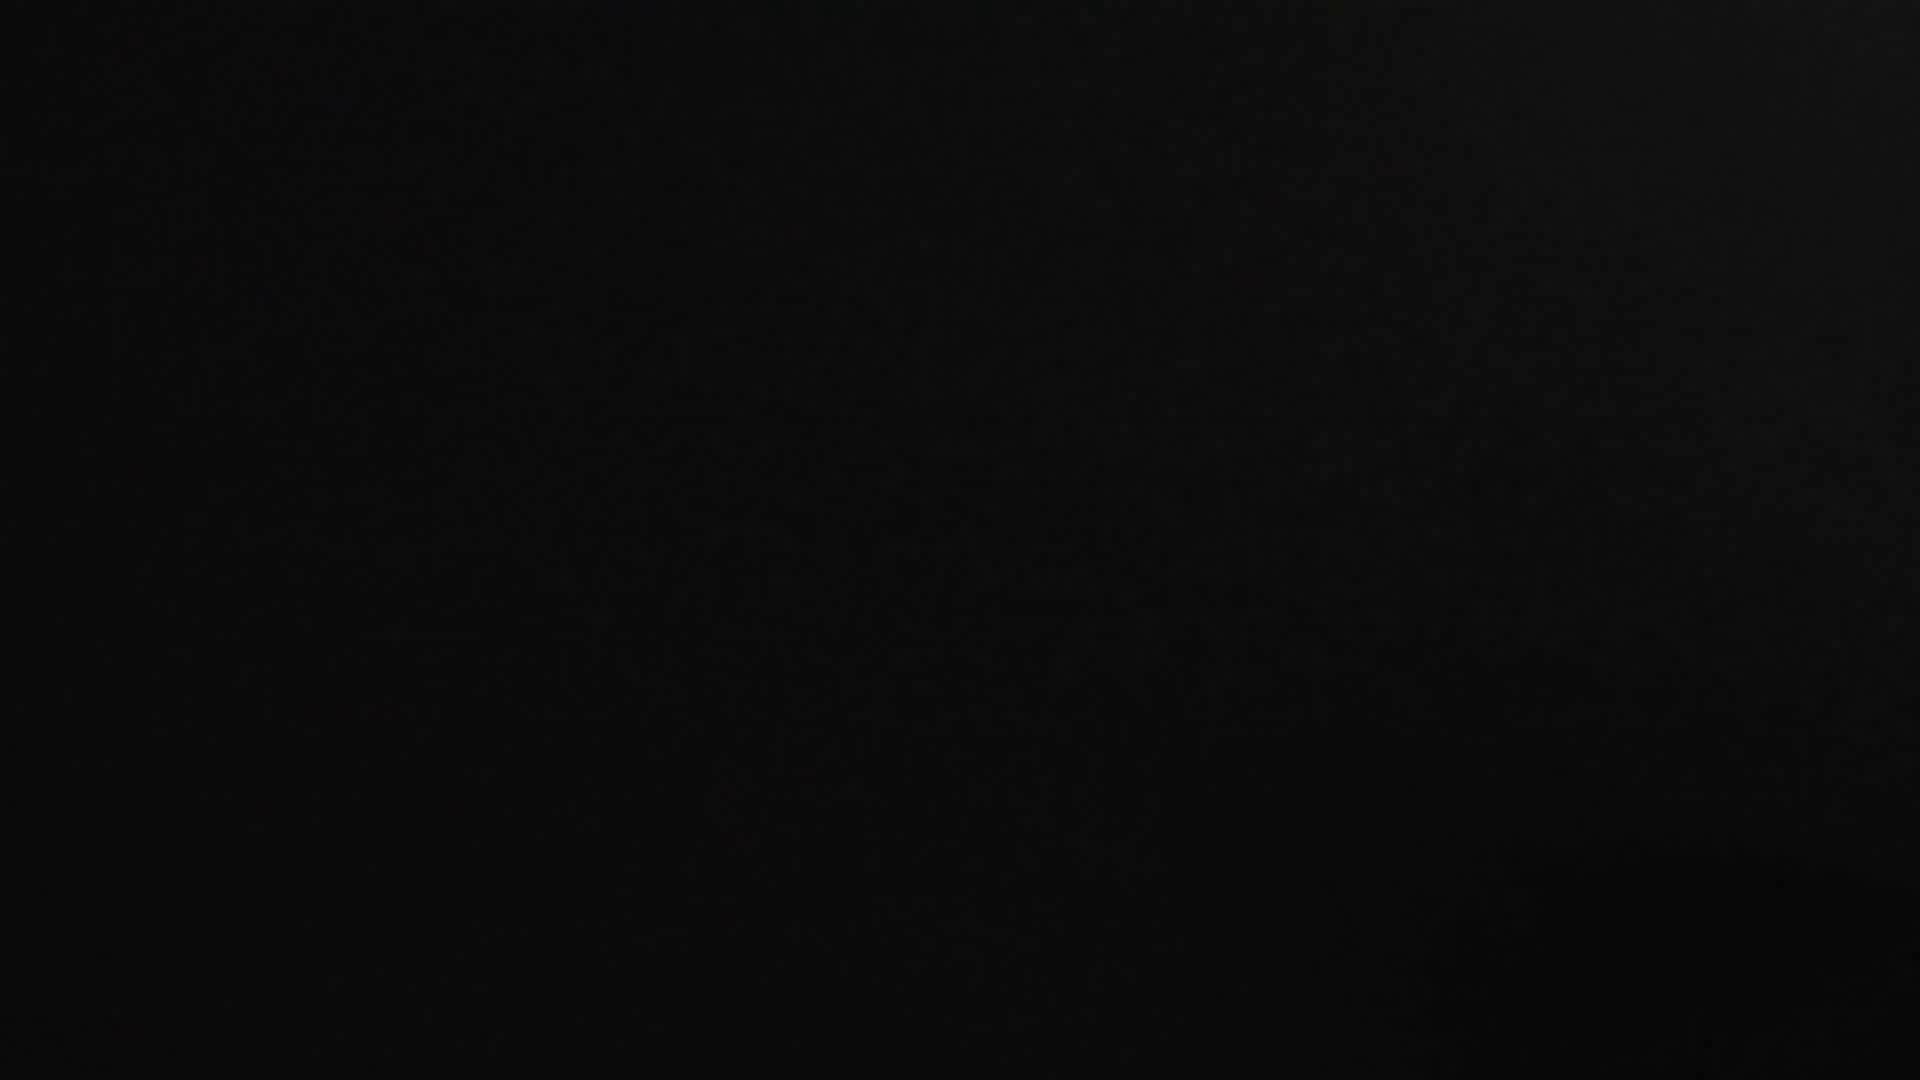 世界の射窓から ステーション編 vol.17厦大女厕偷拍 qianp 洗面所  87PIX 53